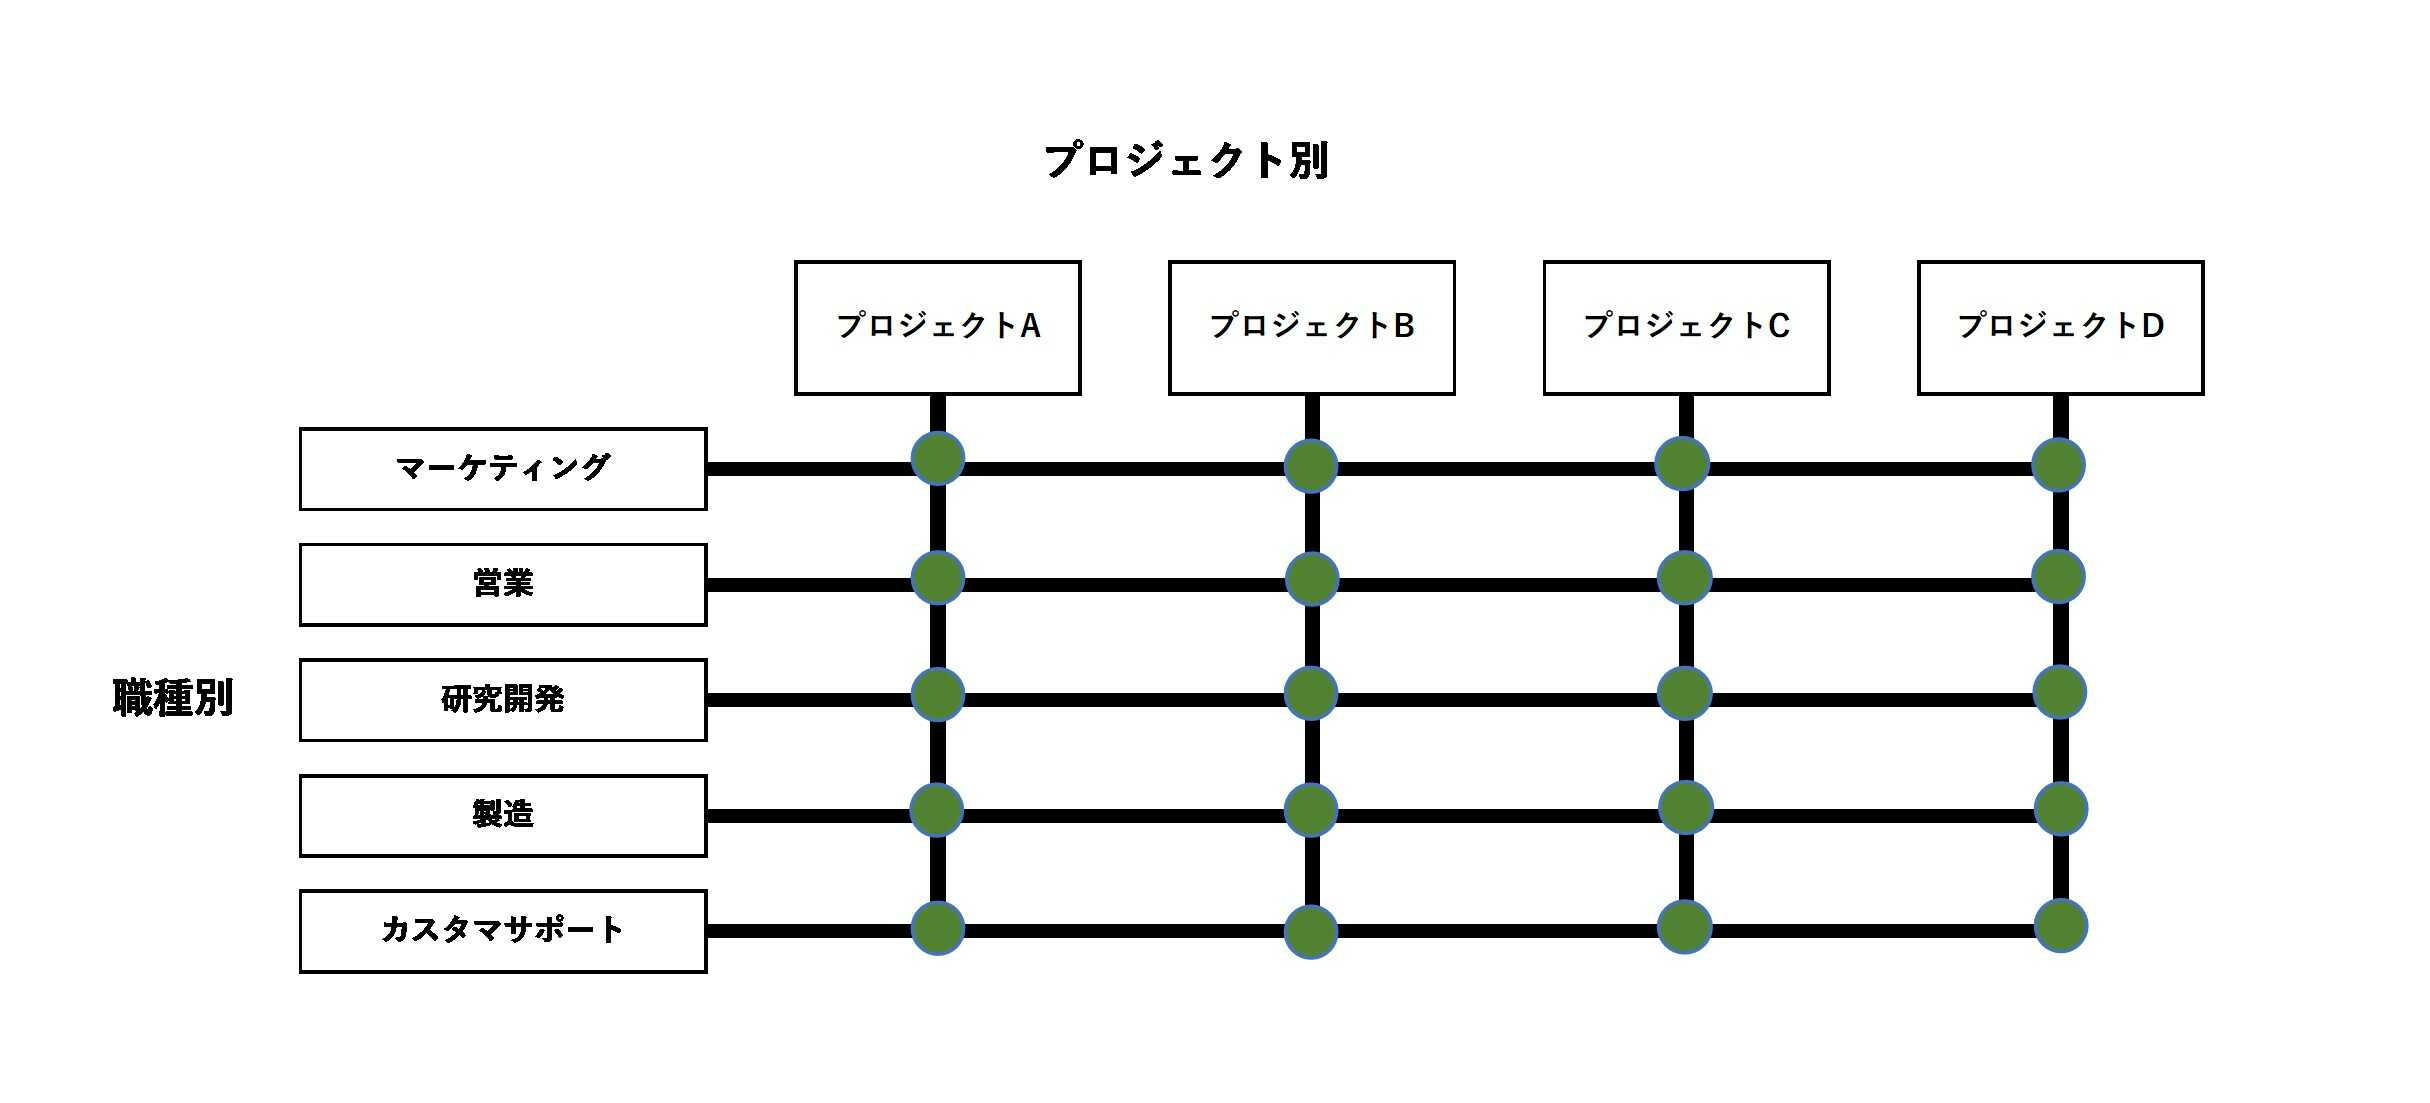 縦軸が職種/横軸がプロジェクトで構成されたマトリックス組織図